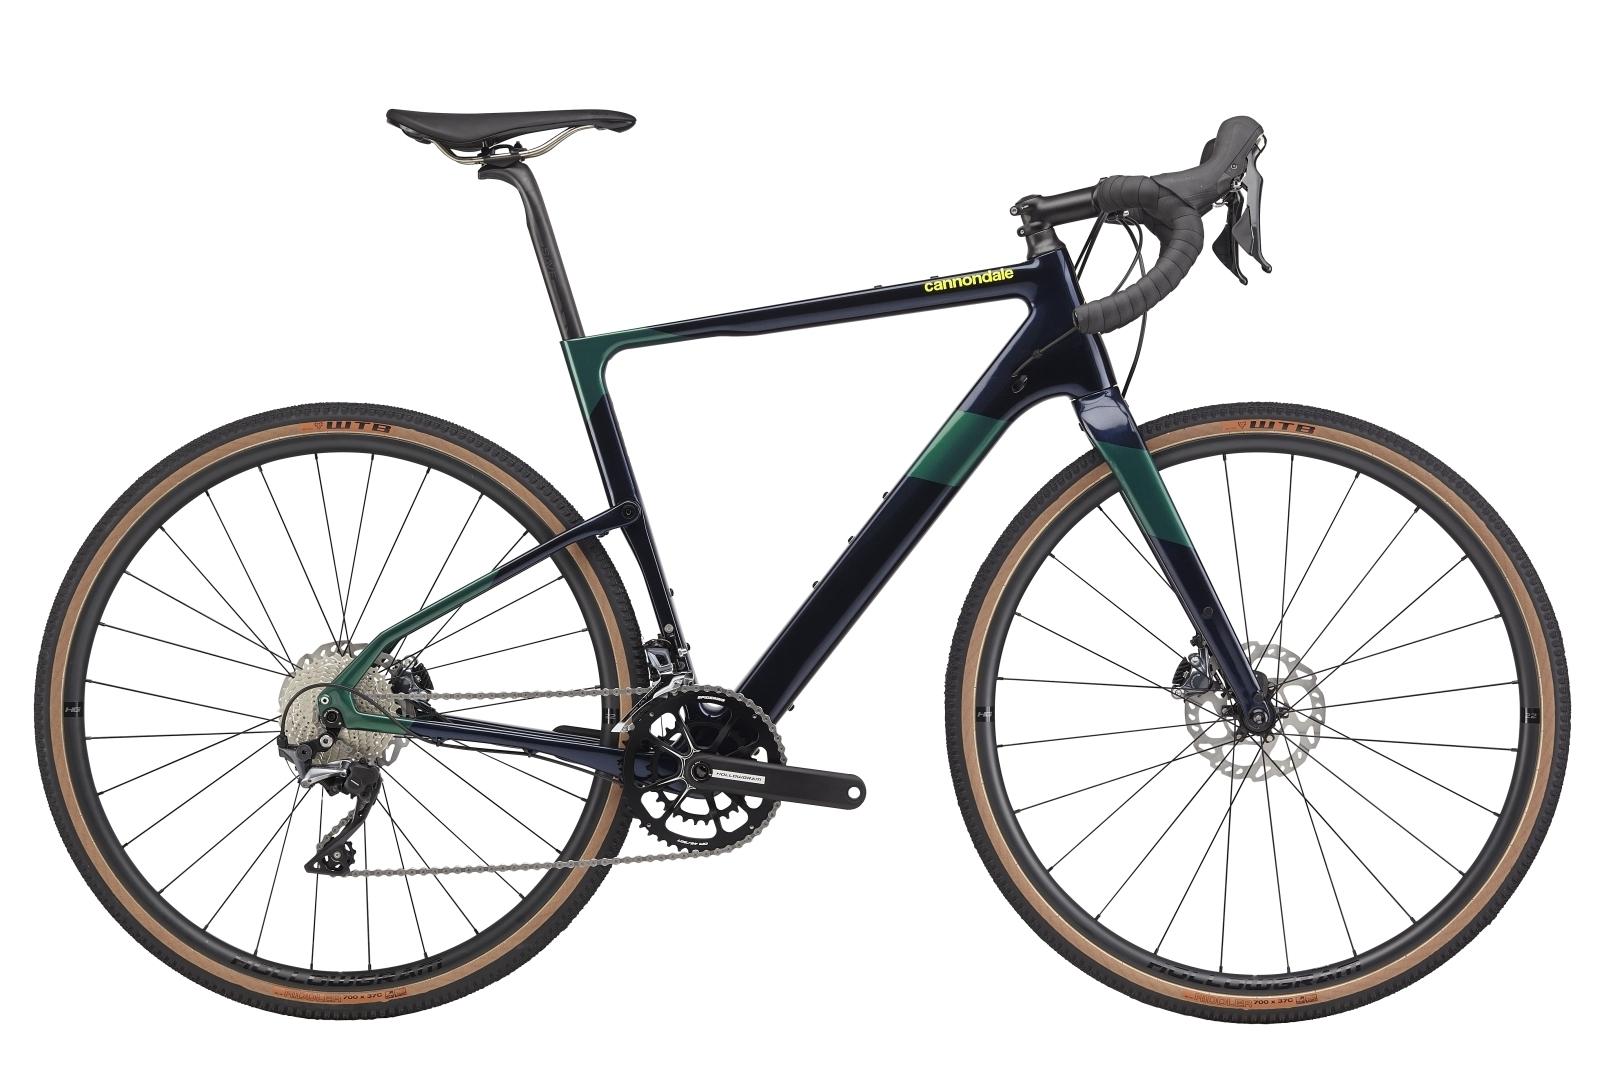 Cannondale Topstone Carbon Ultergra RX gravel kerékpár - sötétkék - M (2020)